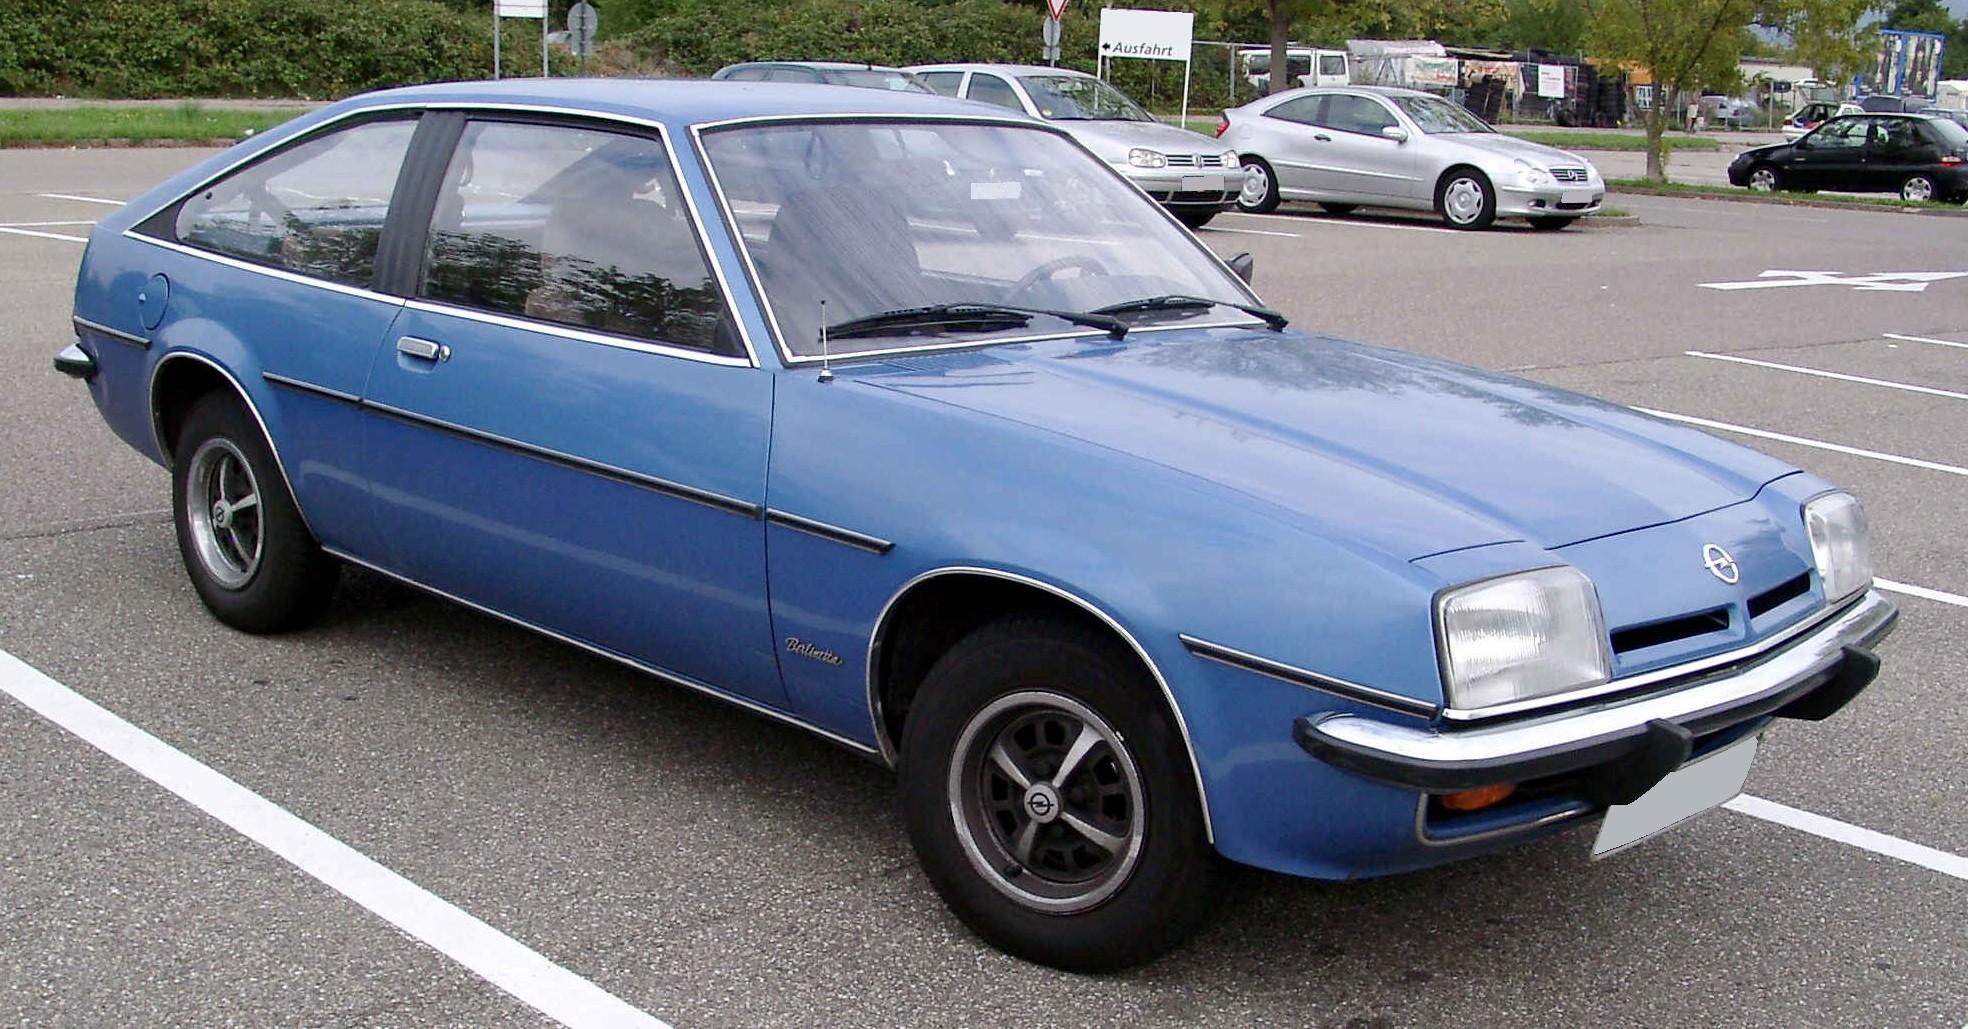 Opel_Manta_front_20080820.jpg